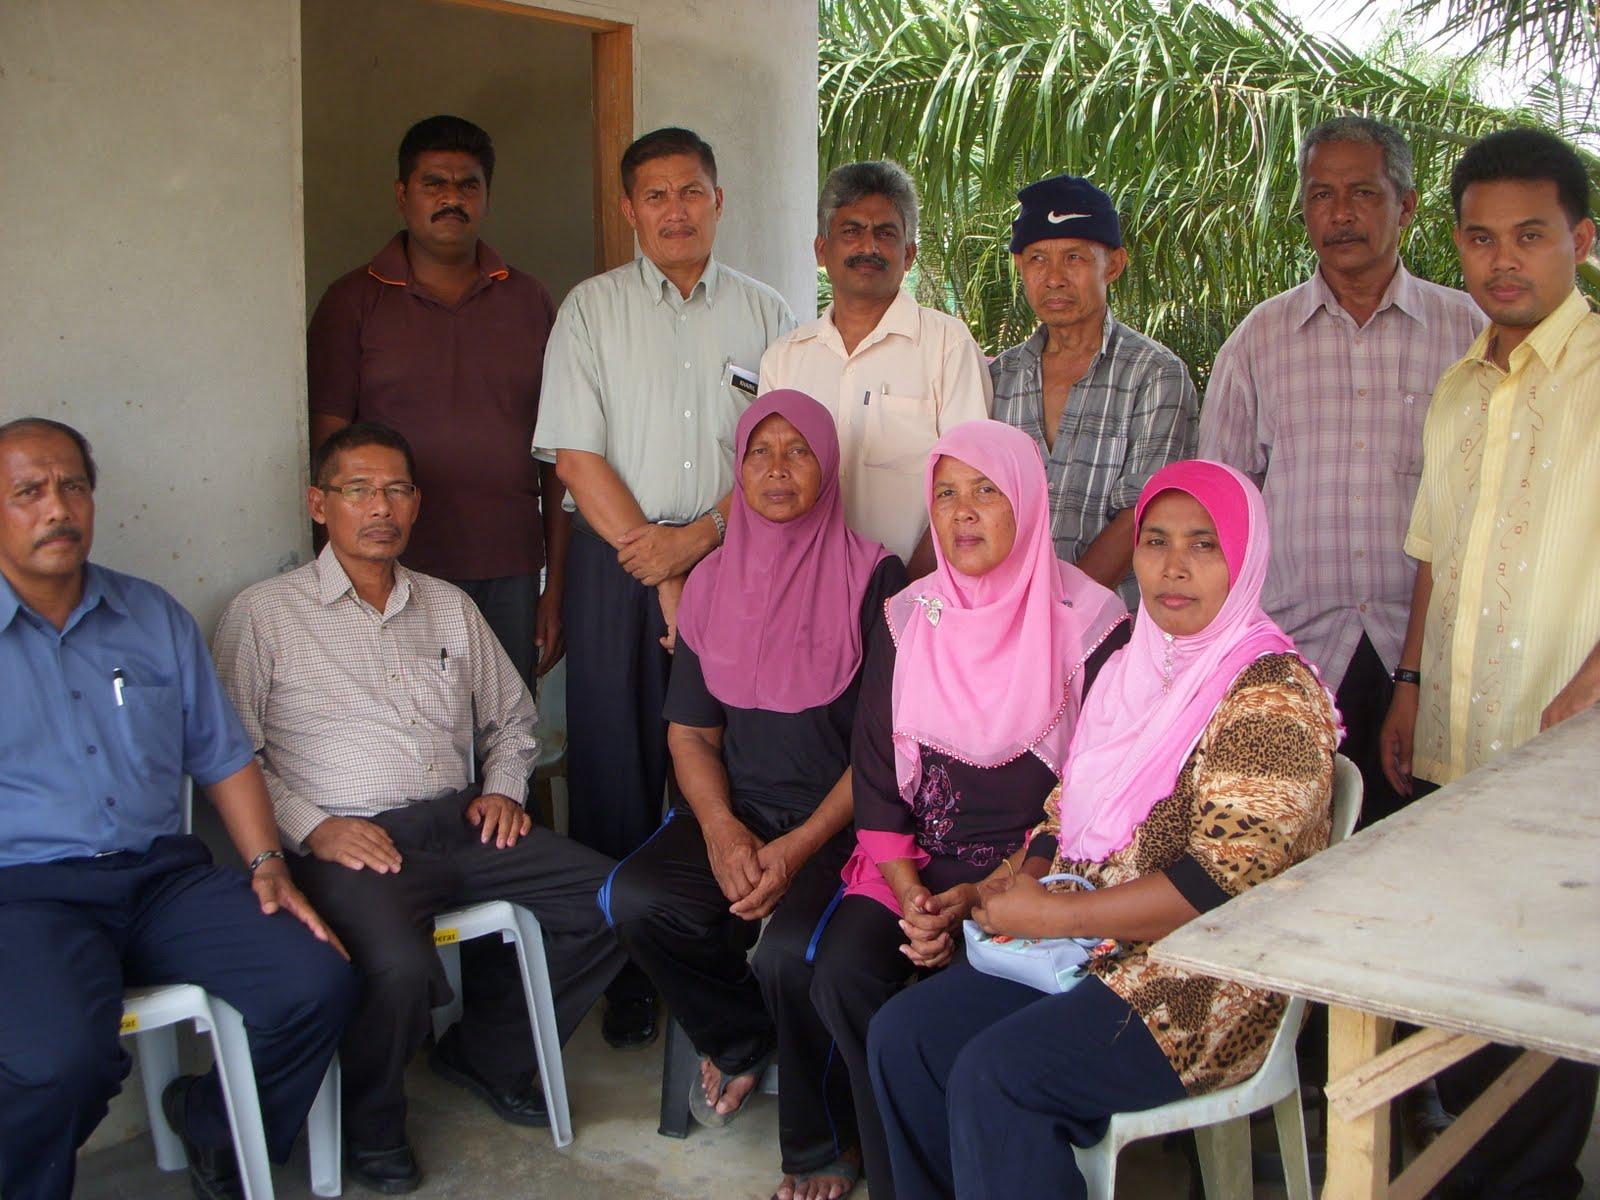 Dari kiri Sdr Karip Pengerusi Biro Masyarakat Felda dan Orang Negeri Sembilan merangkap Bendahari Biro Masyarakat Biro Felda dan Orang Asal PKR Pusat